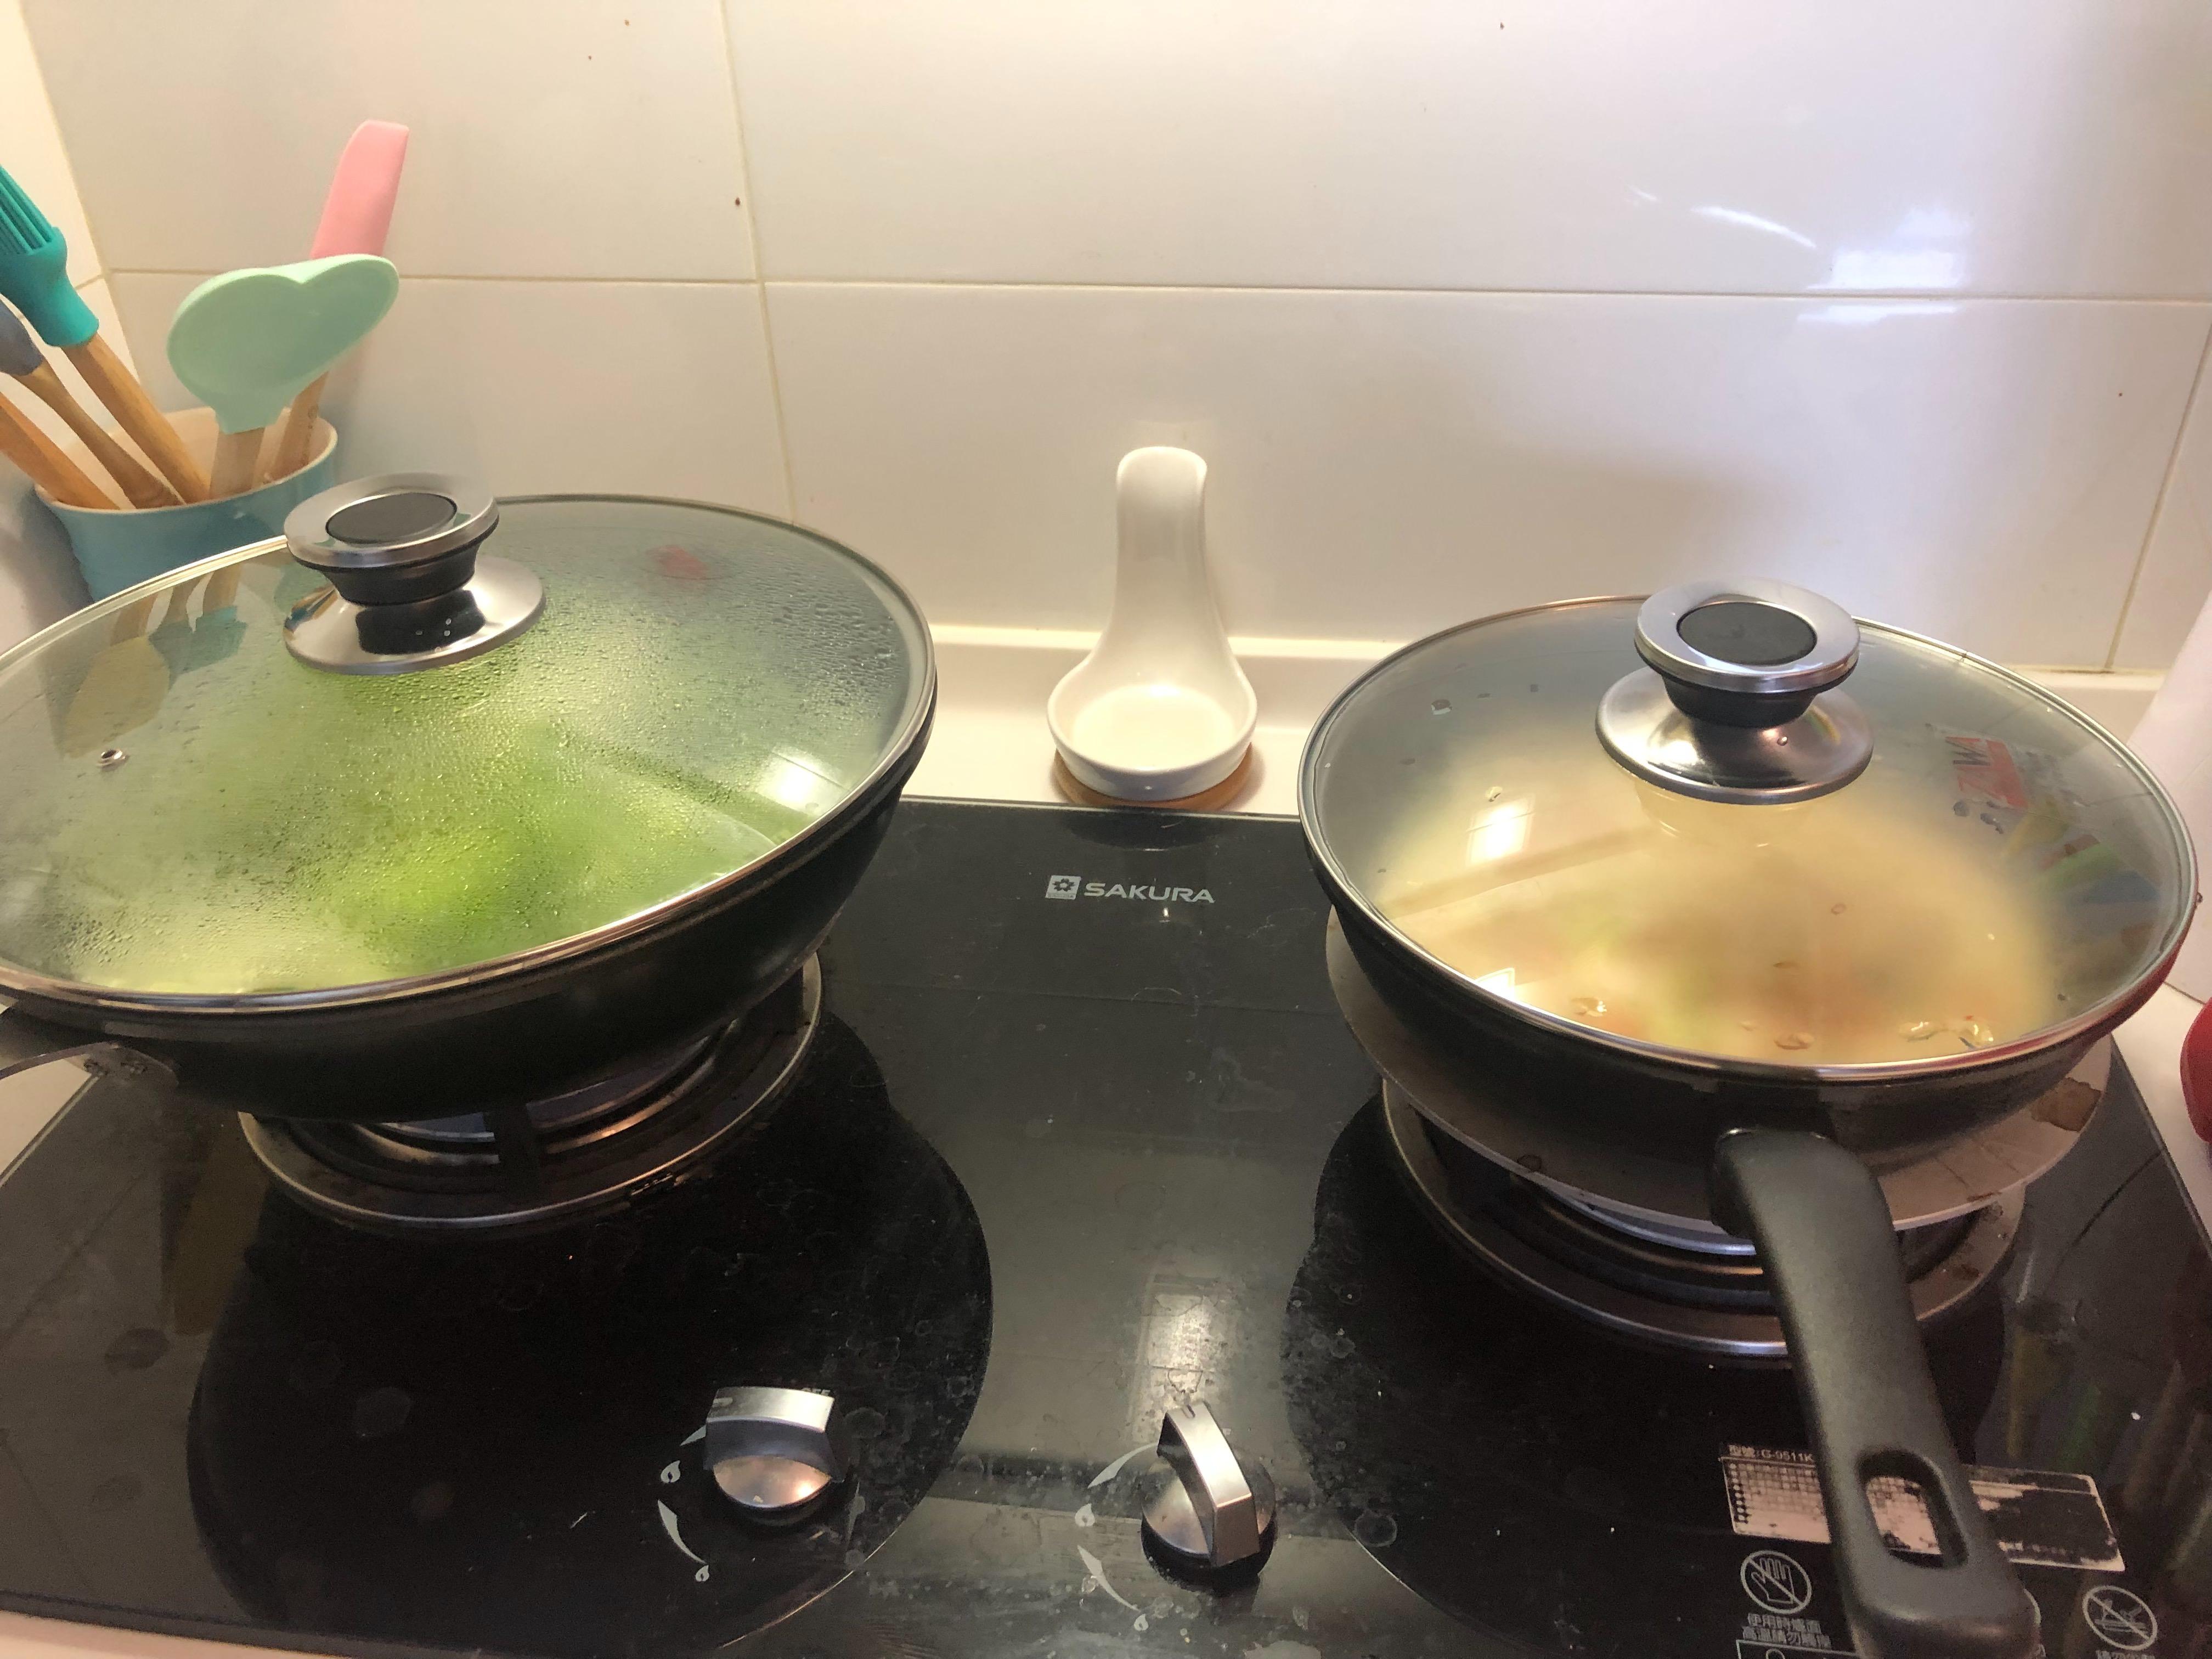 用來用去還是最愛的廚房好鍋-zawa鈦讚鍋系列